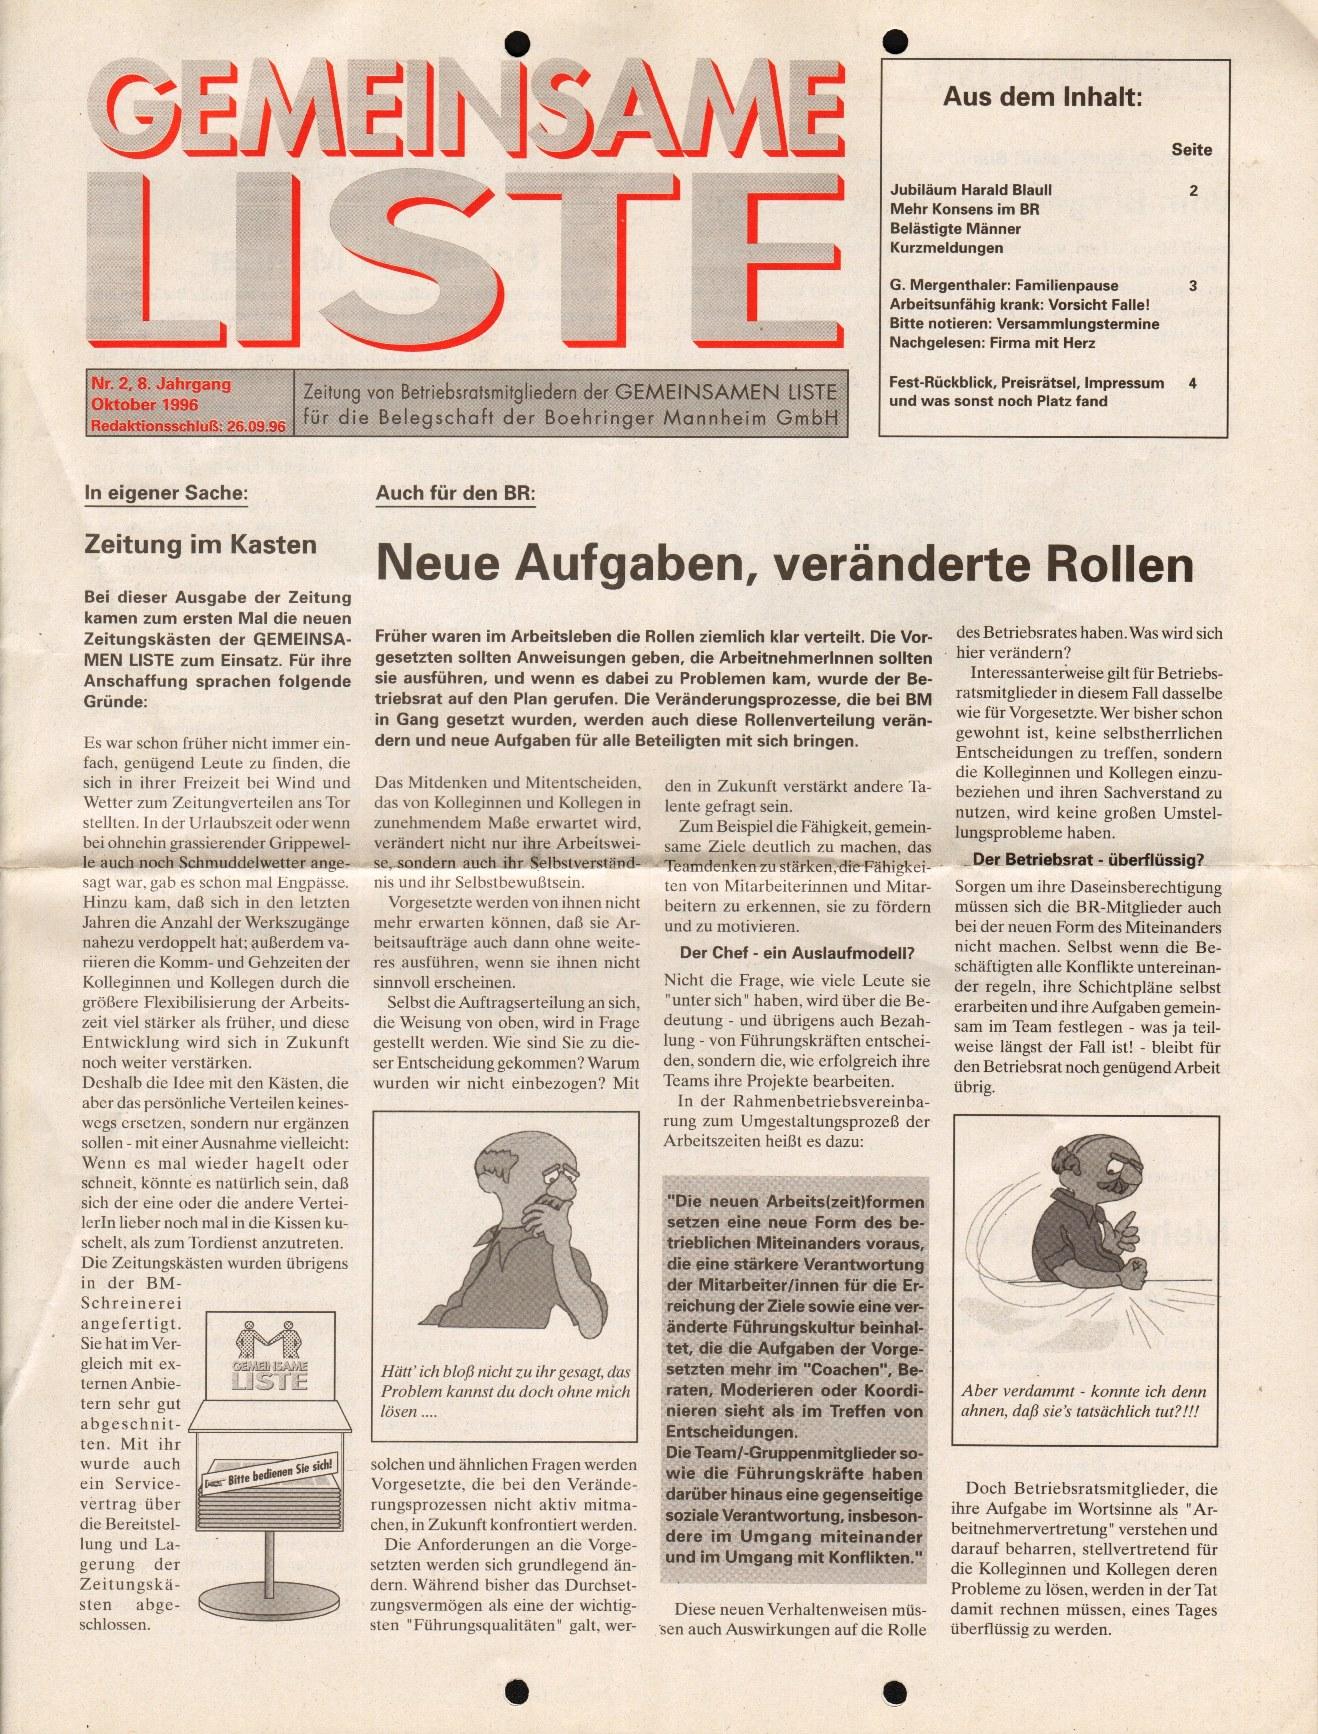 Mannheim_Boehringer_Gemeinsame_Liste_1996_02_01